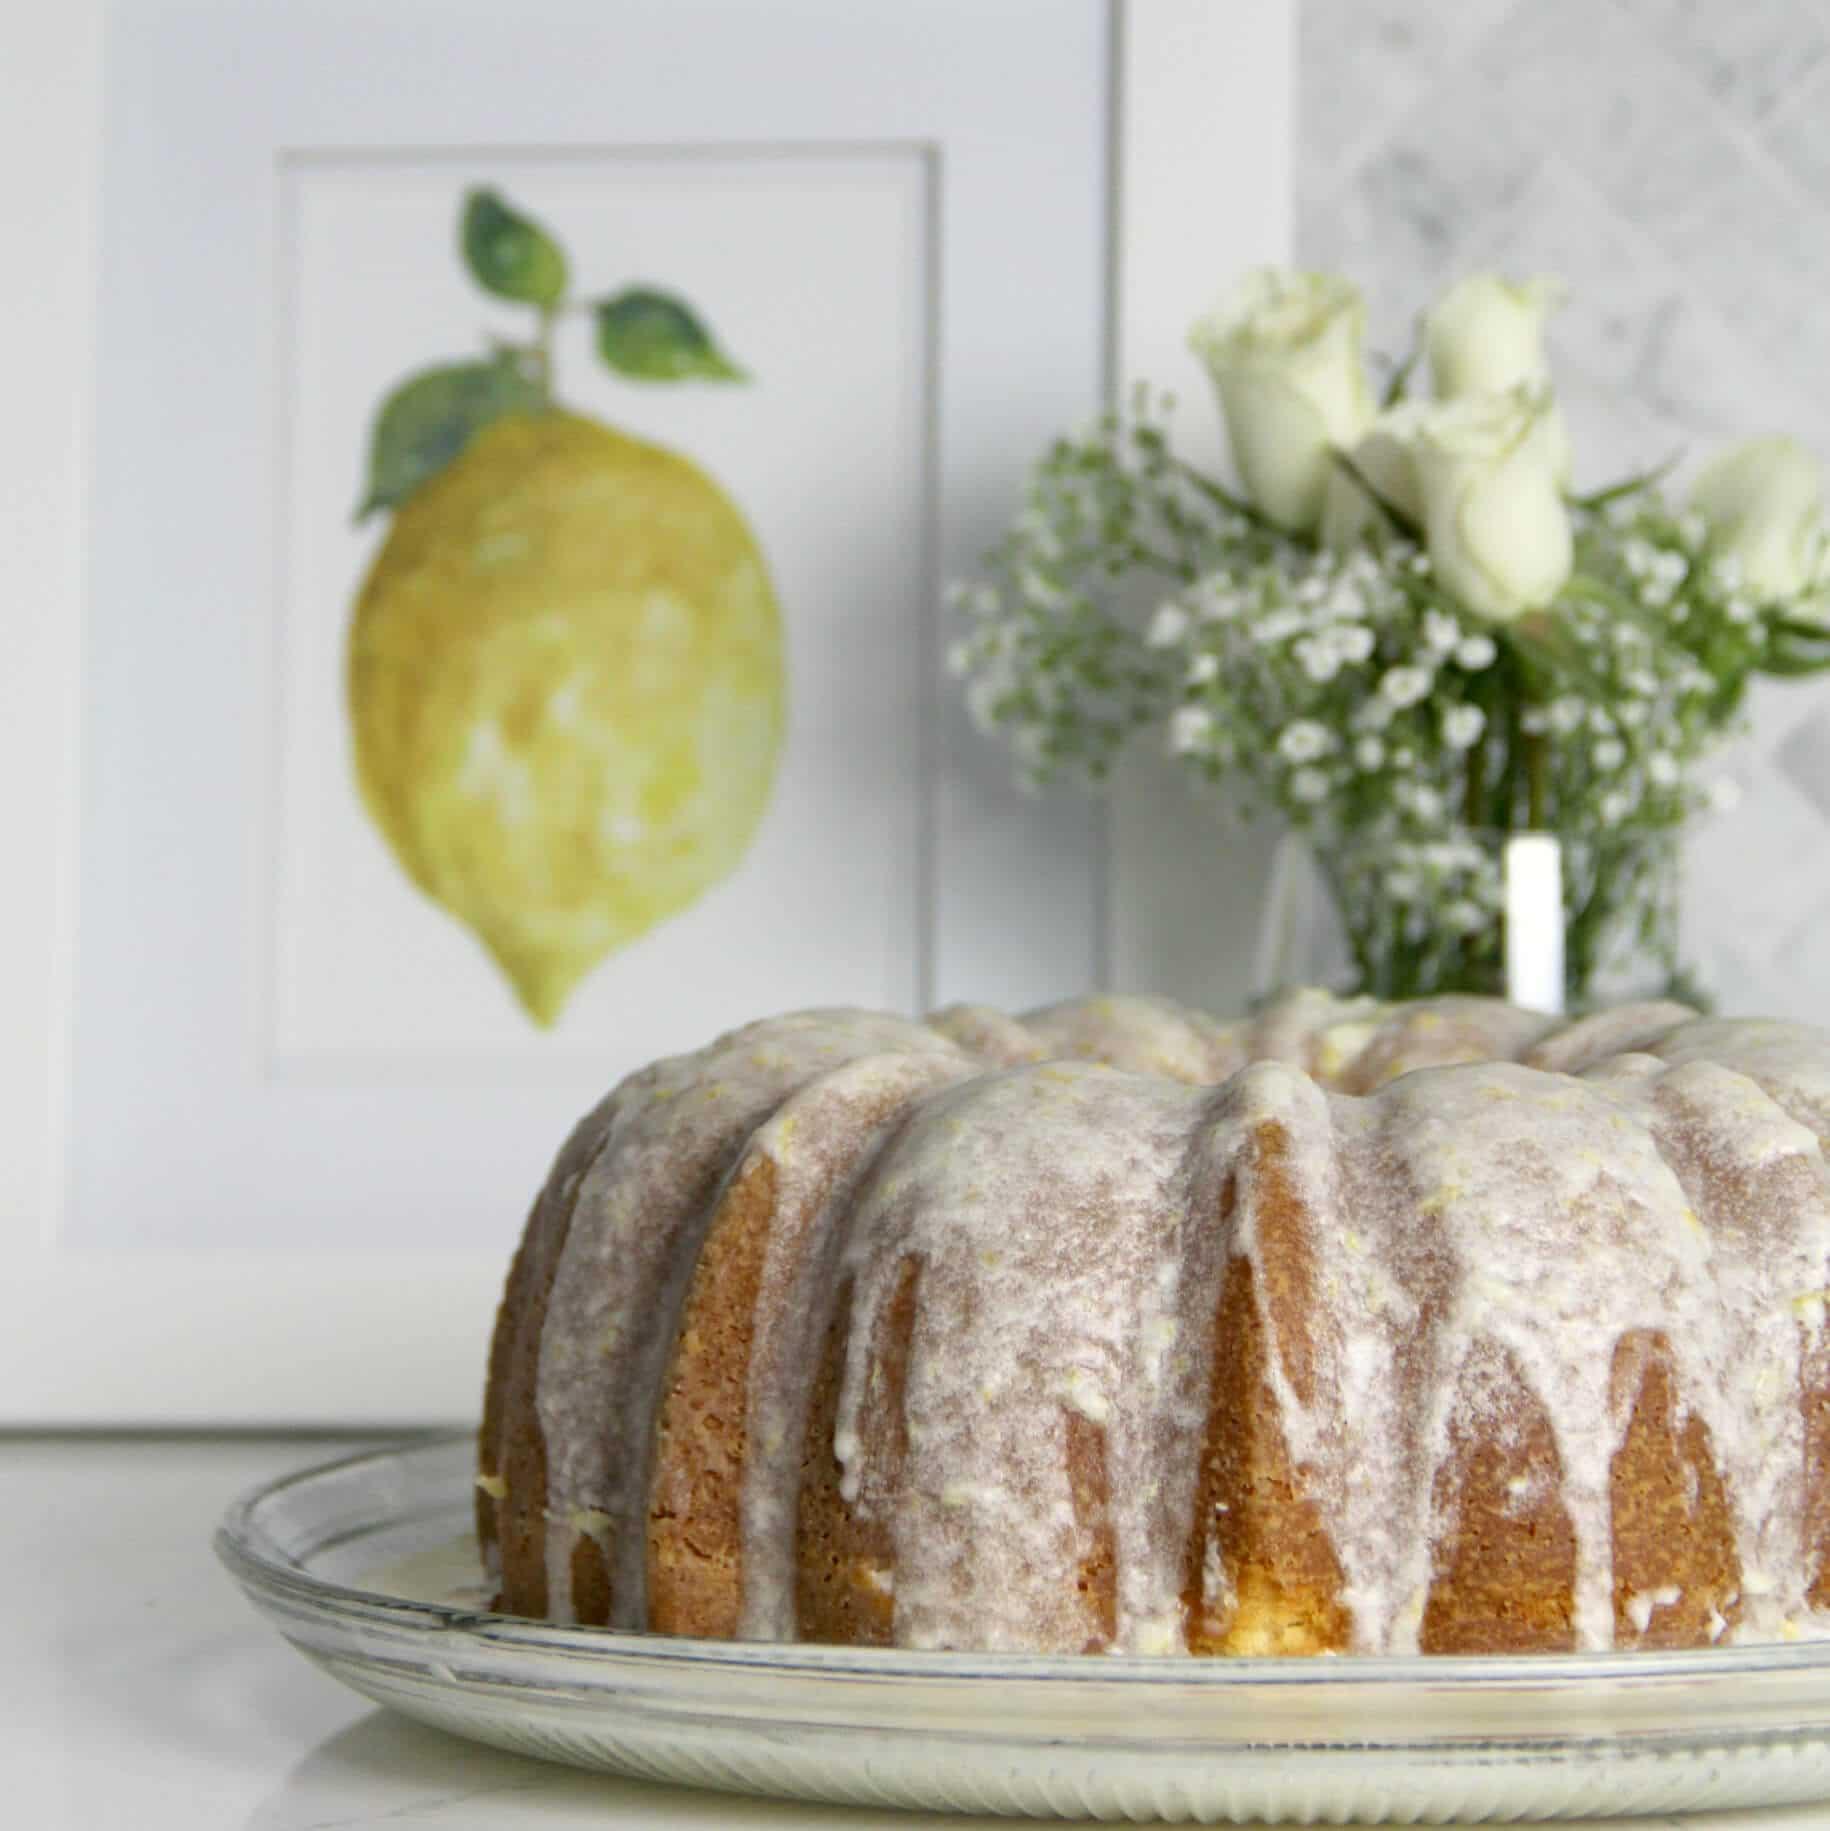 Easy Lemon Pound Cake With Lemon Glaze